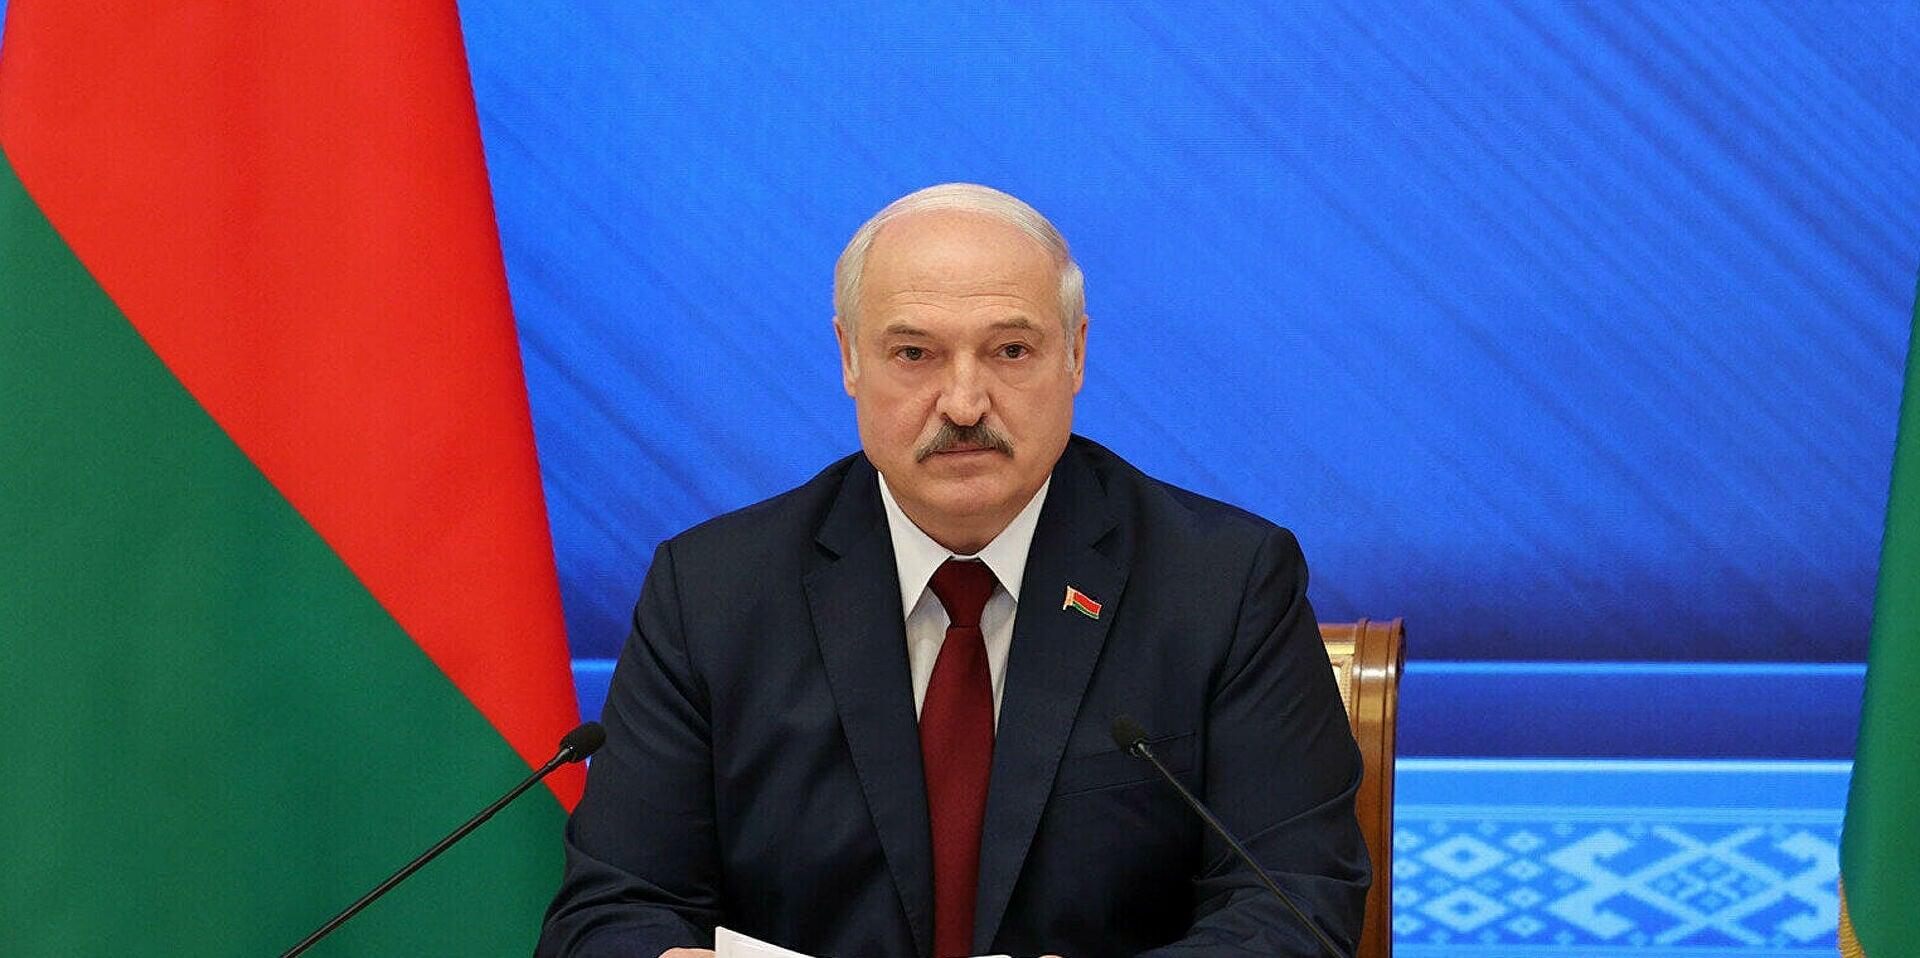 Лукашенко о кандидате на пост главы ФХБ: «Великий спортсмен, но не хоккеист. Человек, прошедший политическую закалку»